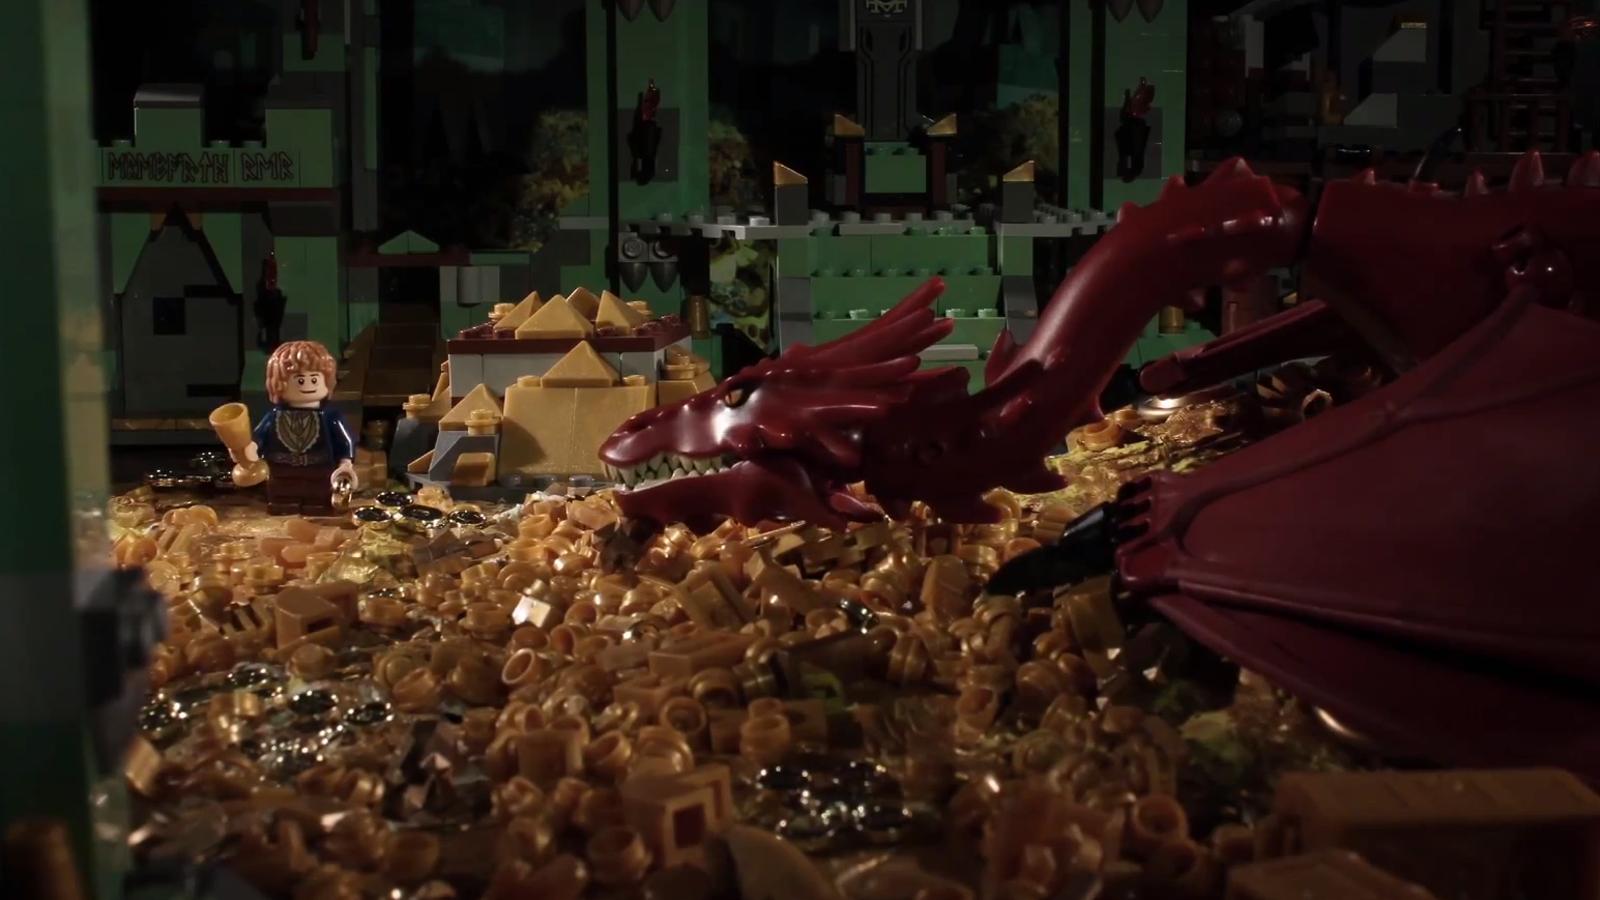 La trilogía completa de El Hobbit, en Lego, y en menos de dos minutos